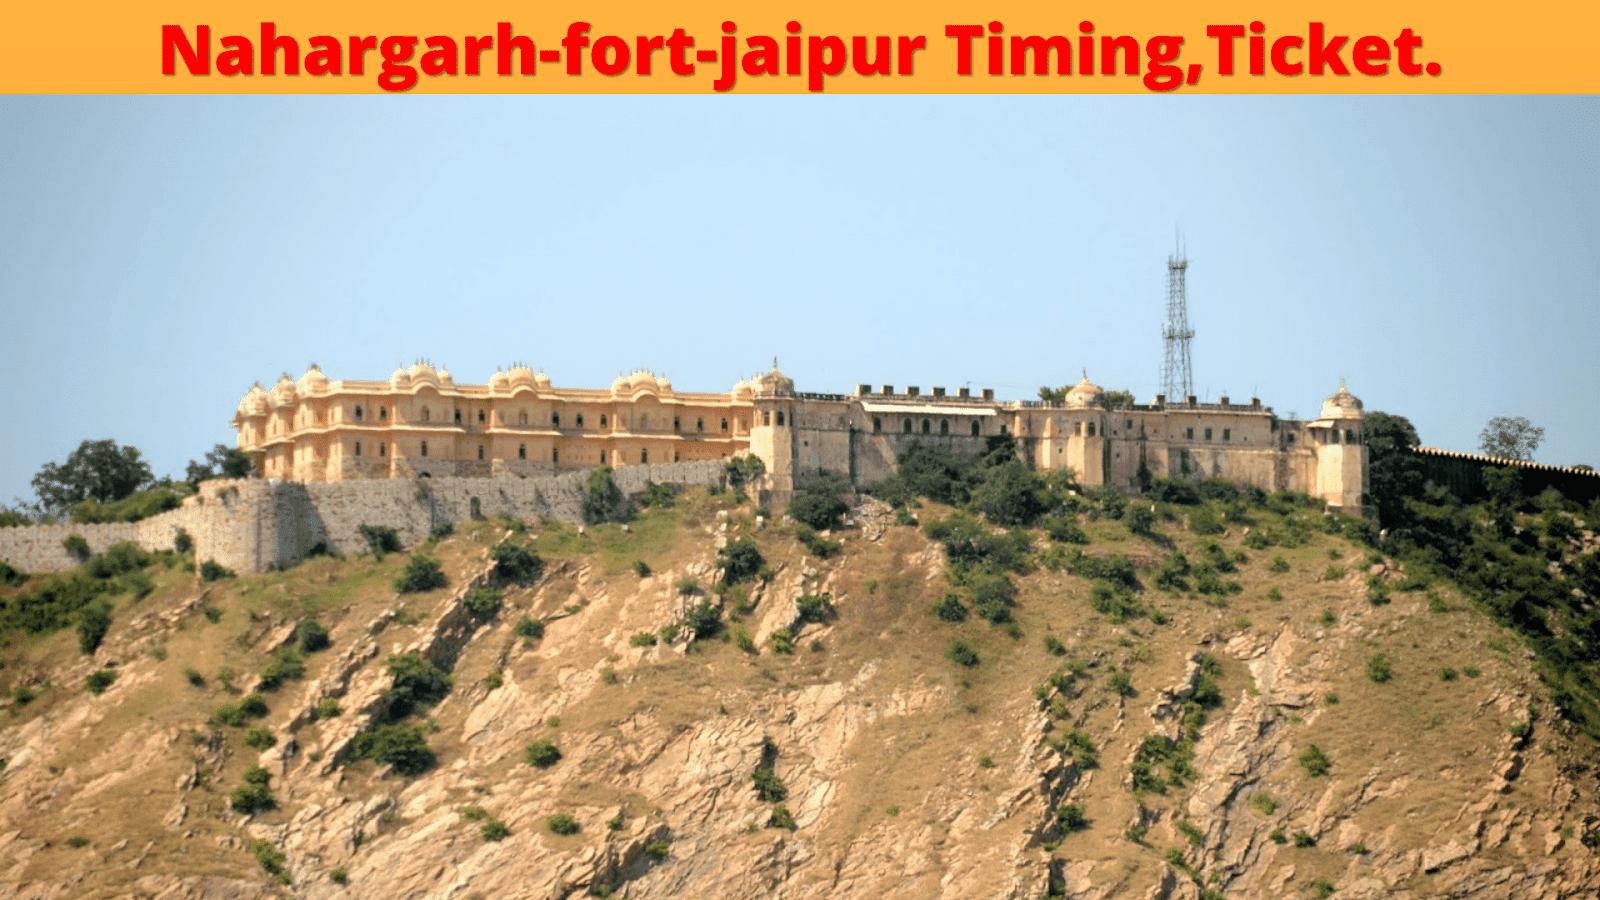 nahargarh-fort,jaipur